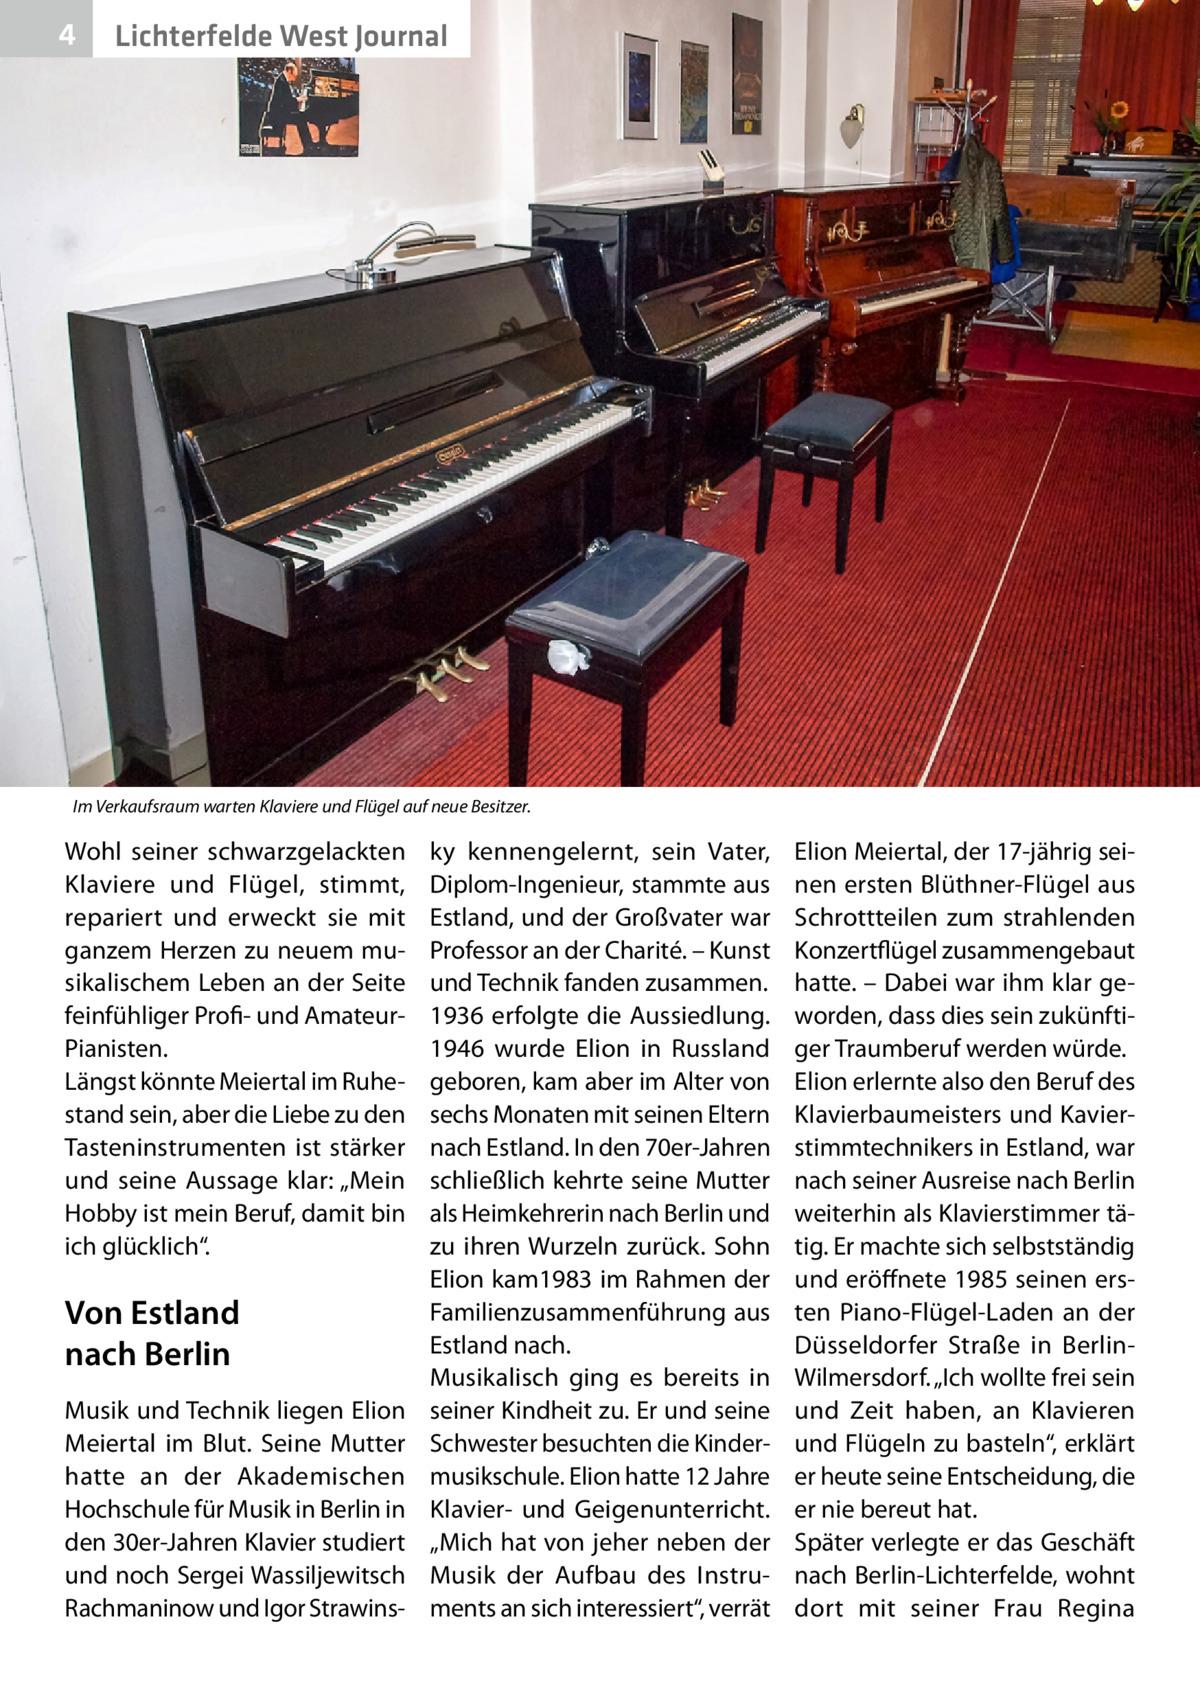 """4  Lichterfelde West Journal  Im Verkaufsraum warten Klaviere und Flügel auf neue Besitzer.  Wohl seiner schwarzgelackten Klaviere und Flügel, stimmt, repariert und erweckt sie mit ganzem Herzen zu neuem musikalischem Leben an der Seite feinfühliger Profi- und AmateurPianisten. Längst könnte Meiertal im Ruhestand sein, aber die Liebe zu den Tasteninstrumenten ist stärker und seine Aussage klar: """"Mein Hobby ist mein Beruf, damit bin ich glücklich"""".  Von Estland nach Berlin Musik und Technik liegen Elion Meiertal im Blut. Seine Mutter hatte an der Akademischen Hochschule für Musik in Berlin in den 30er-Jahren Klavier studiert und noch Sergei Wassiljewitsch Rachmaninow und Igor Strawins ky kennengelernt, sein Vater, Diplom-Ingenieur, stammte aus Estland, und der Großvater war Professor an der Charité. – Kunst und Technik fanden zusammen. 1936 erfolgte die Aussiedlung. 1946 wurde Elion in Russland geboren, kam aber im Alter von sechs Monaten mit seinen Eltern nach Estland. In den 70er-Jahren schließlich kehrte seine Mutter als Heimkehrerin nach Berlin und zu ihren Wurzeln zurück. Sohn Elion kam1983 im Rahmen der Familienzusammenführung aus Estland nach. Musikalisch ging es bereits in seiner Kindheit zu. Er und seine Schwester besuchten die Kindermusikschule. Elion hatte 12Jahre Klavier- und Geigenunterricht. """"Mich hat von jeher neben der Musik der Aufbau des Instruments an sich interessiert"""", verrät  Elion Meiertal, der 17-jährig seinen ersten Blüthner-Flügel aus Schrottteilen zum strahlenden Konzertflügel zusammengebaut hatte. – Dabei war ihm klar geworden, dass dies sein zukünftiger Traumberuf werden würde. Elion erlernte also den Beruf des Klavierbaumeisters und Kavierstimmtechnikers in Estland, war nach seiner Ausreise nach Berlin weiterhin als Klavierstimmer tätig. Er machte sich selbstständig und eröffnete 1985 seinen ersten Piano-Flügel-Laden an der Düsseldorfer Straße in BerlinWilmersdorf. """"Ich wollte frei sein und Zeit haben, an Klavieren und Flügeln zu basteln"""